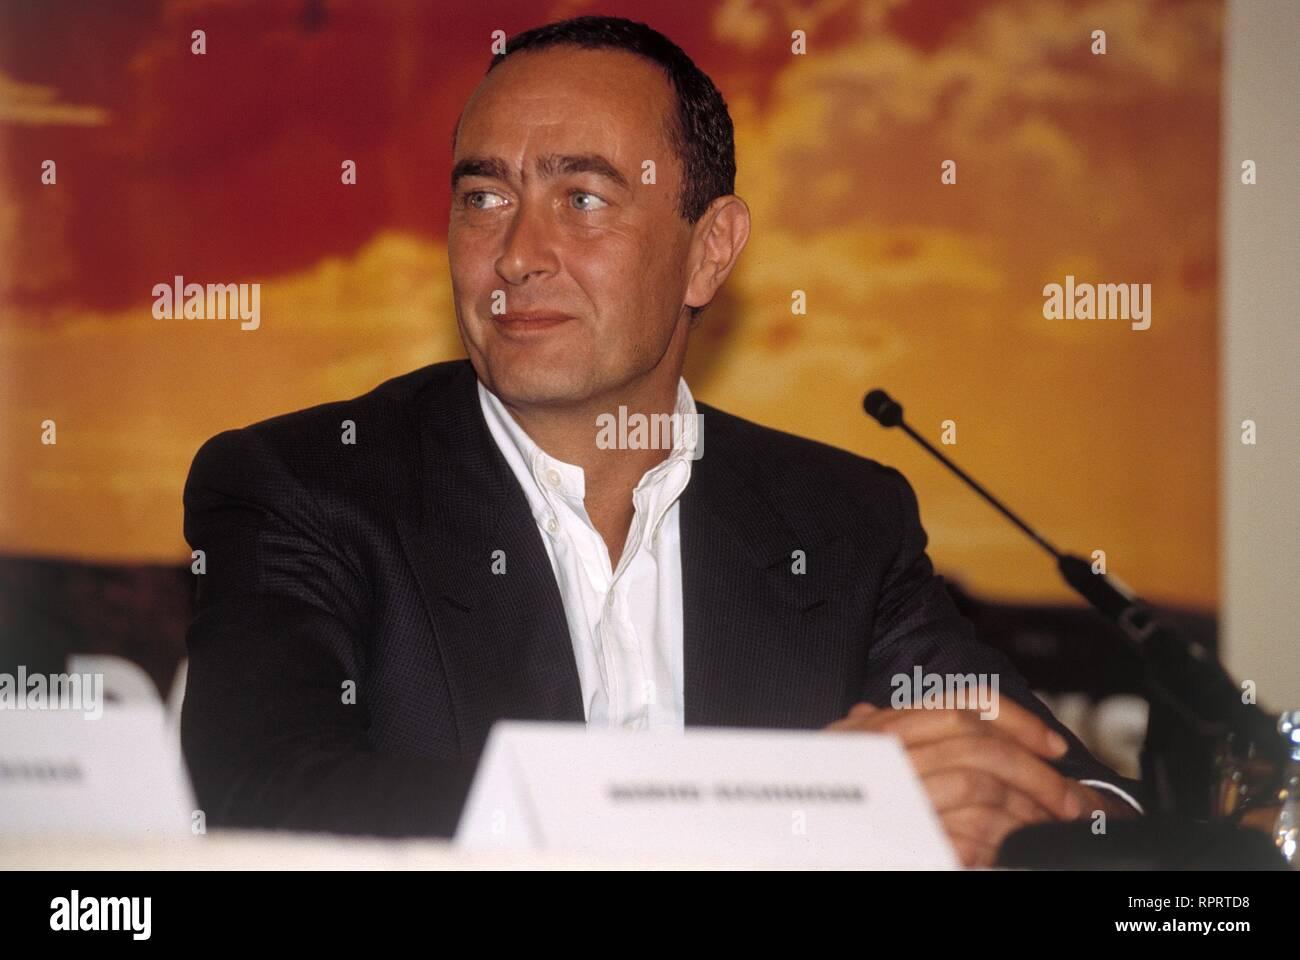 Filmproduzent BERND EICHINGER, während einer Pressekonferenz. 11/1993 / Überschrift: BERND EICHINGER Stock Photo